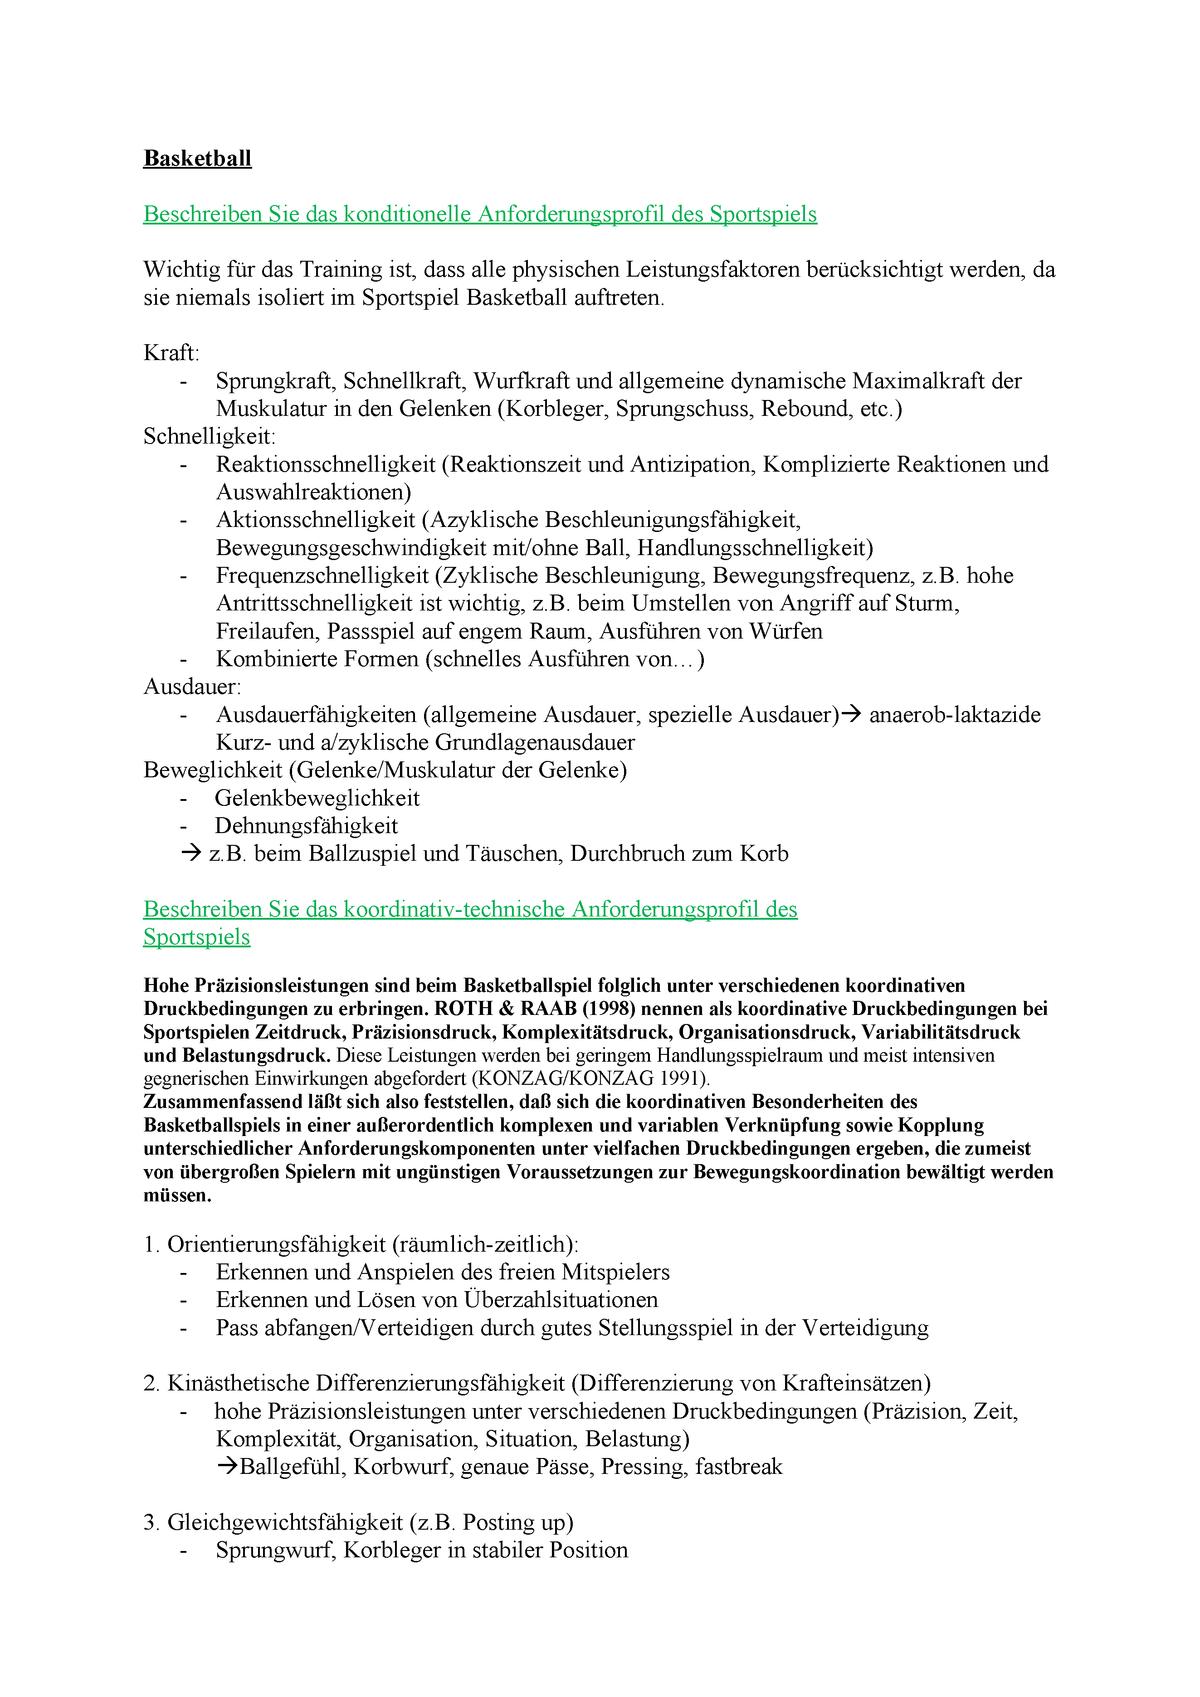 Klausur, Fragen und Antworten - Basketball - Uni Giessen